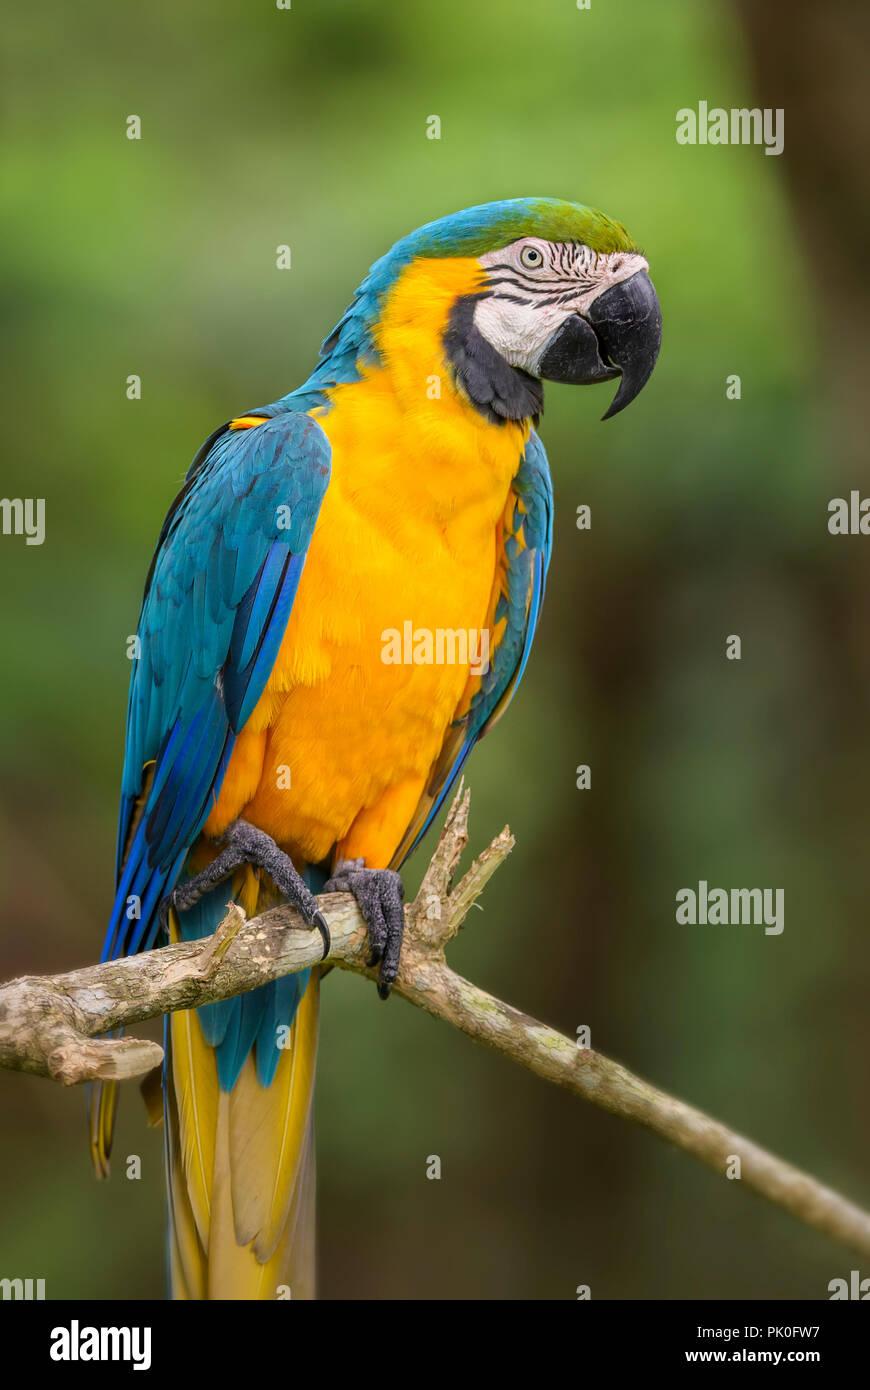 Blau-gelbe Ara-Ara ararauna, großen wunderschönen bunten Papagei aus Südamerika Die Wälder und sonstigen Flächen. Stockbild